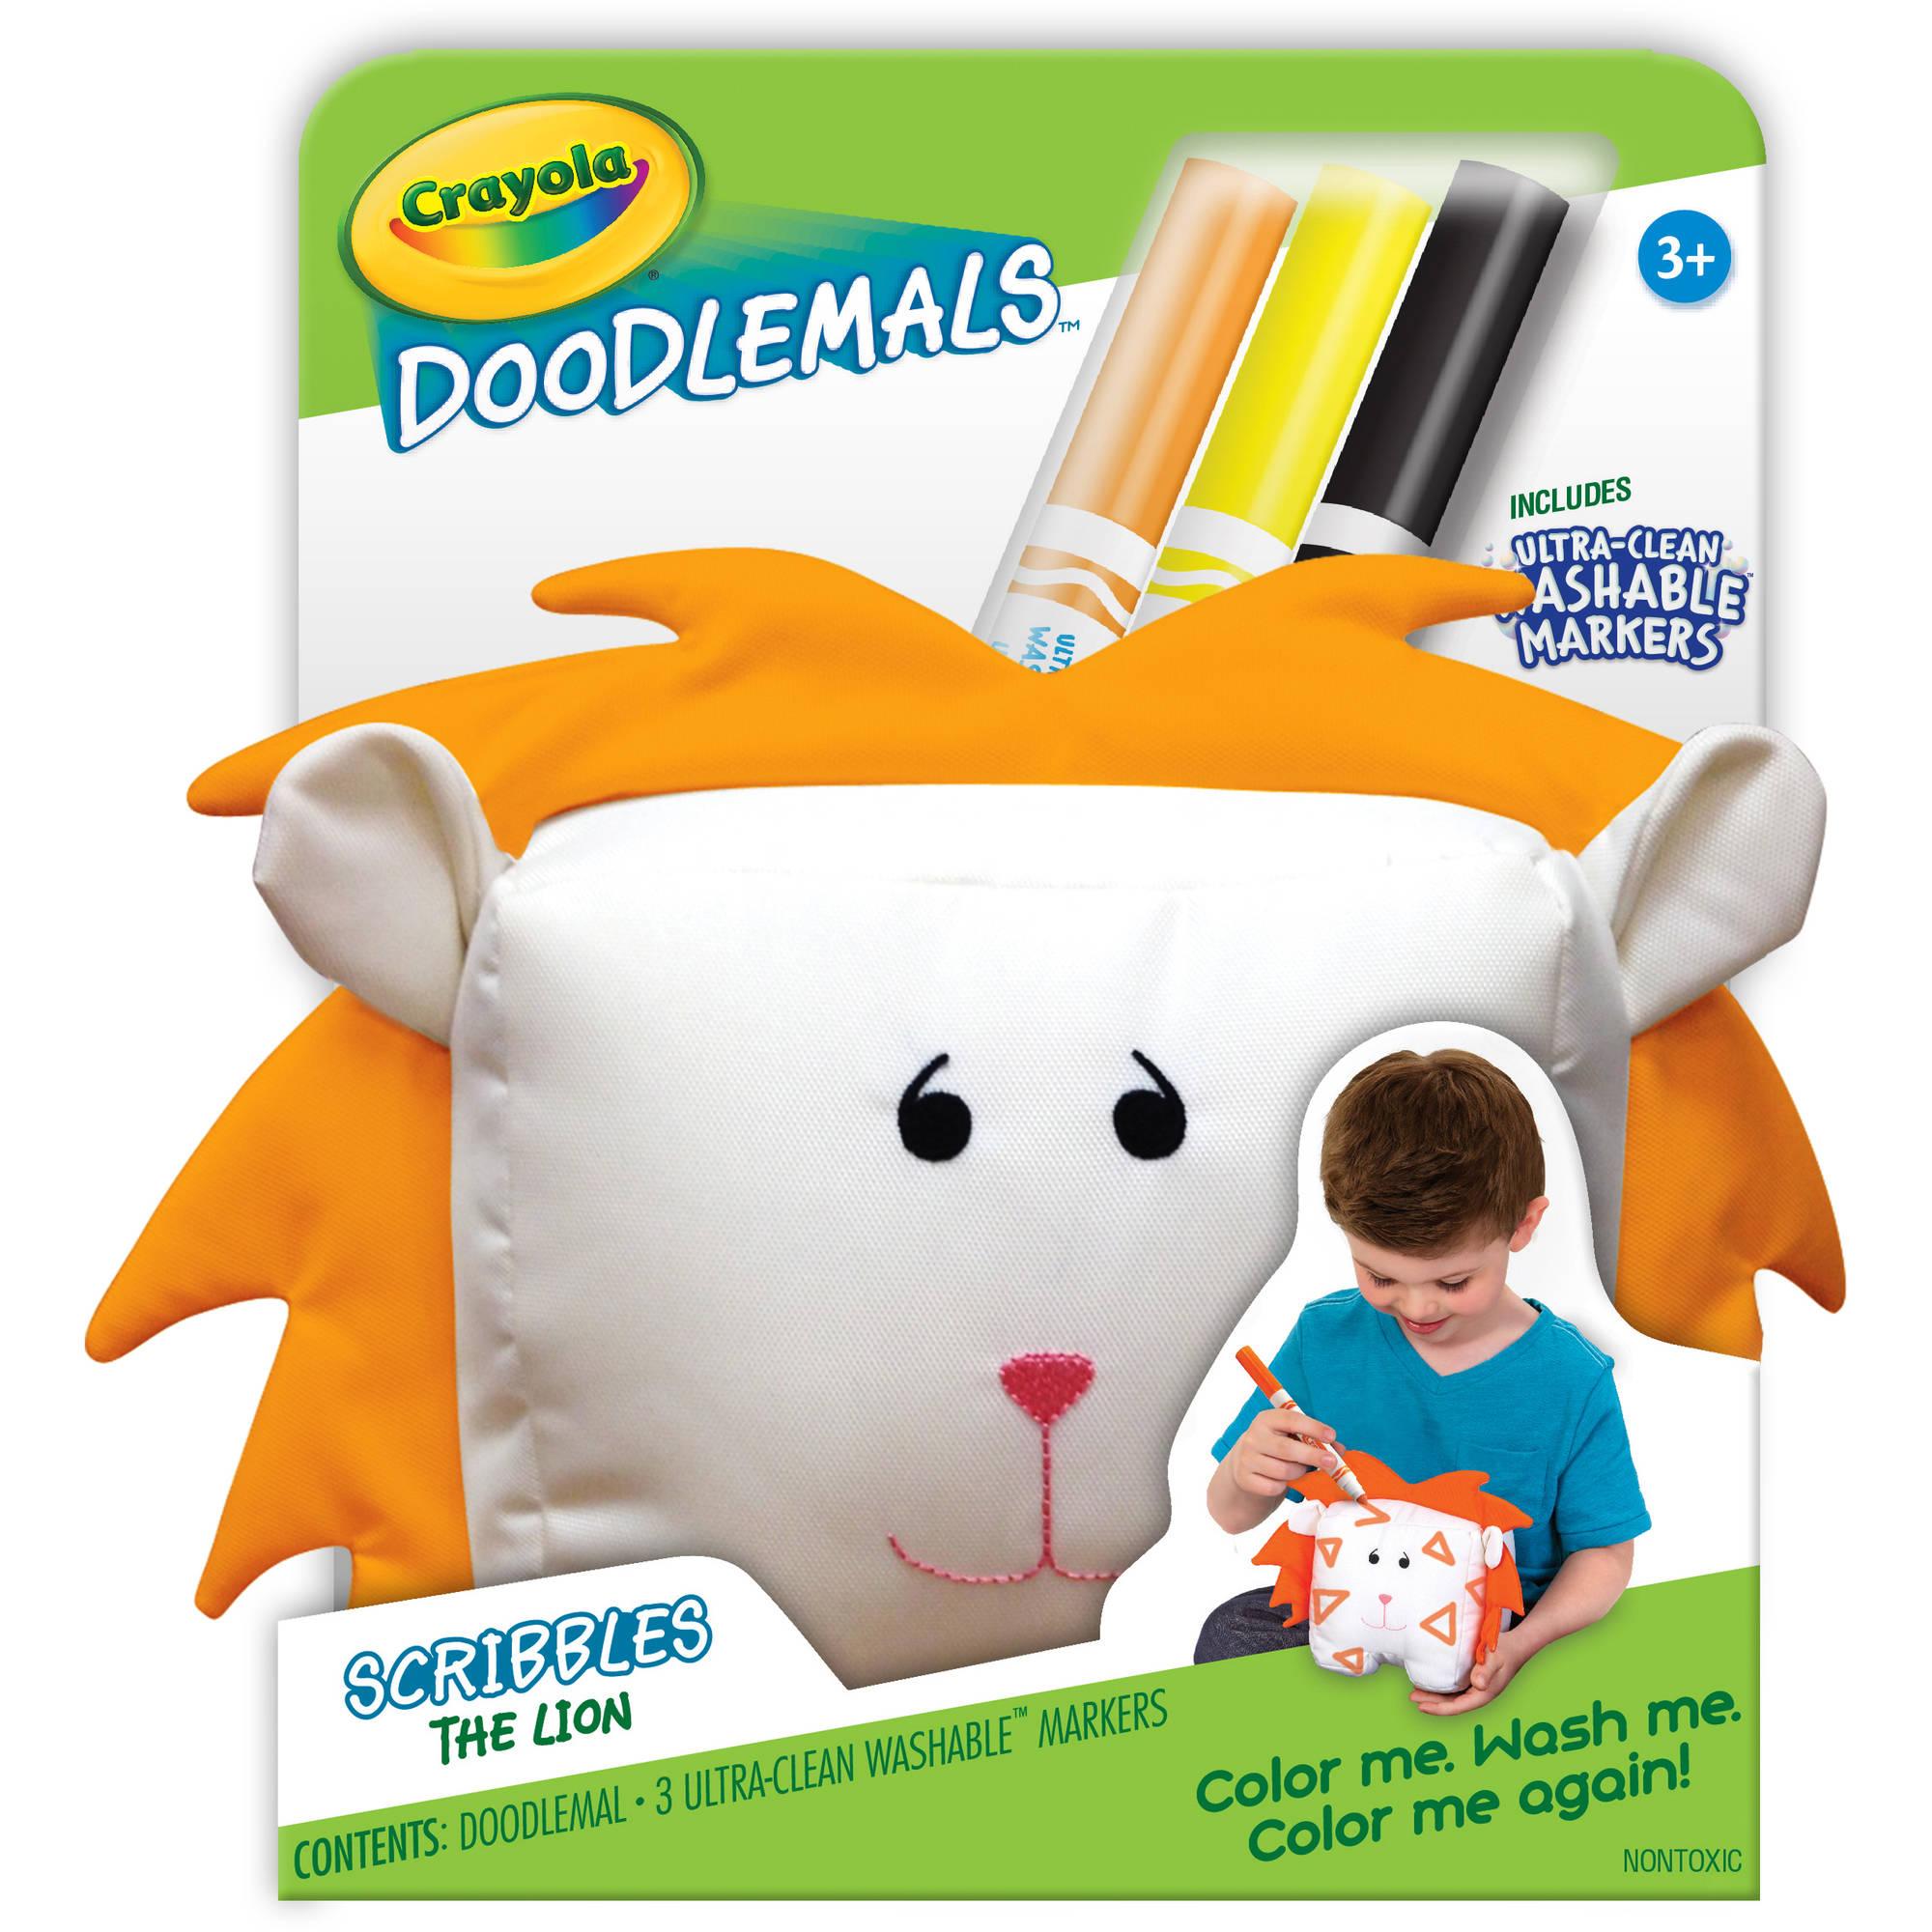 Crayola Doodlemals: The Lion ตุ๊กตาระบายสี รูปสิงโต พร้อมสีเมจิก ล้างออกได้